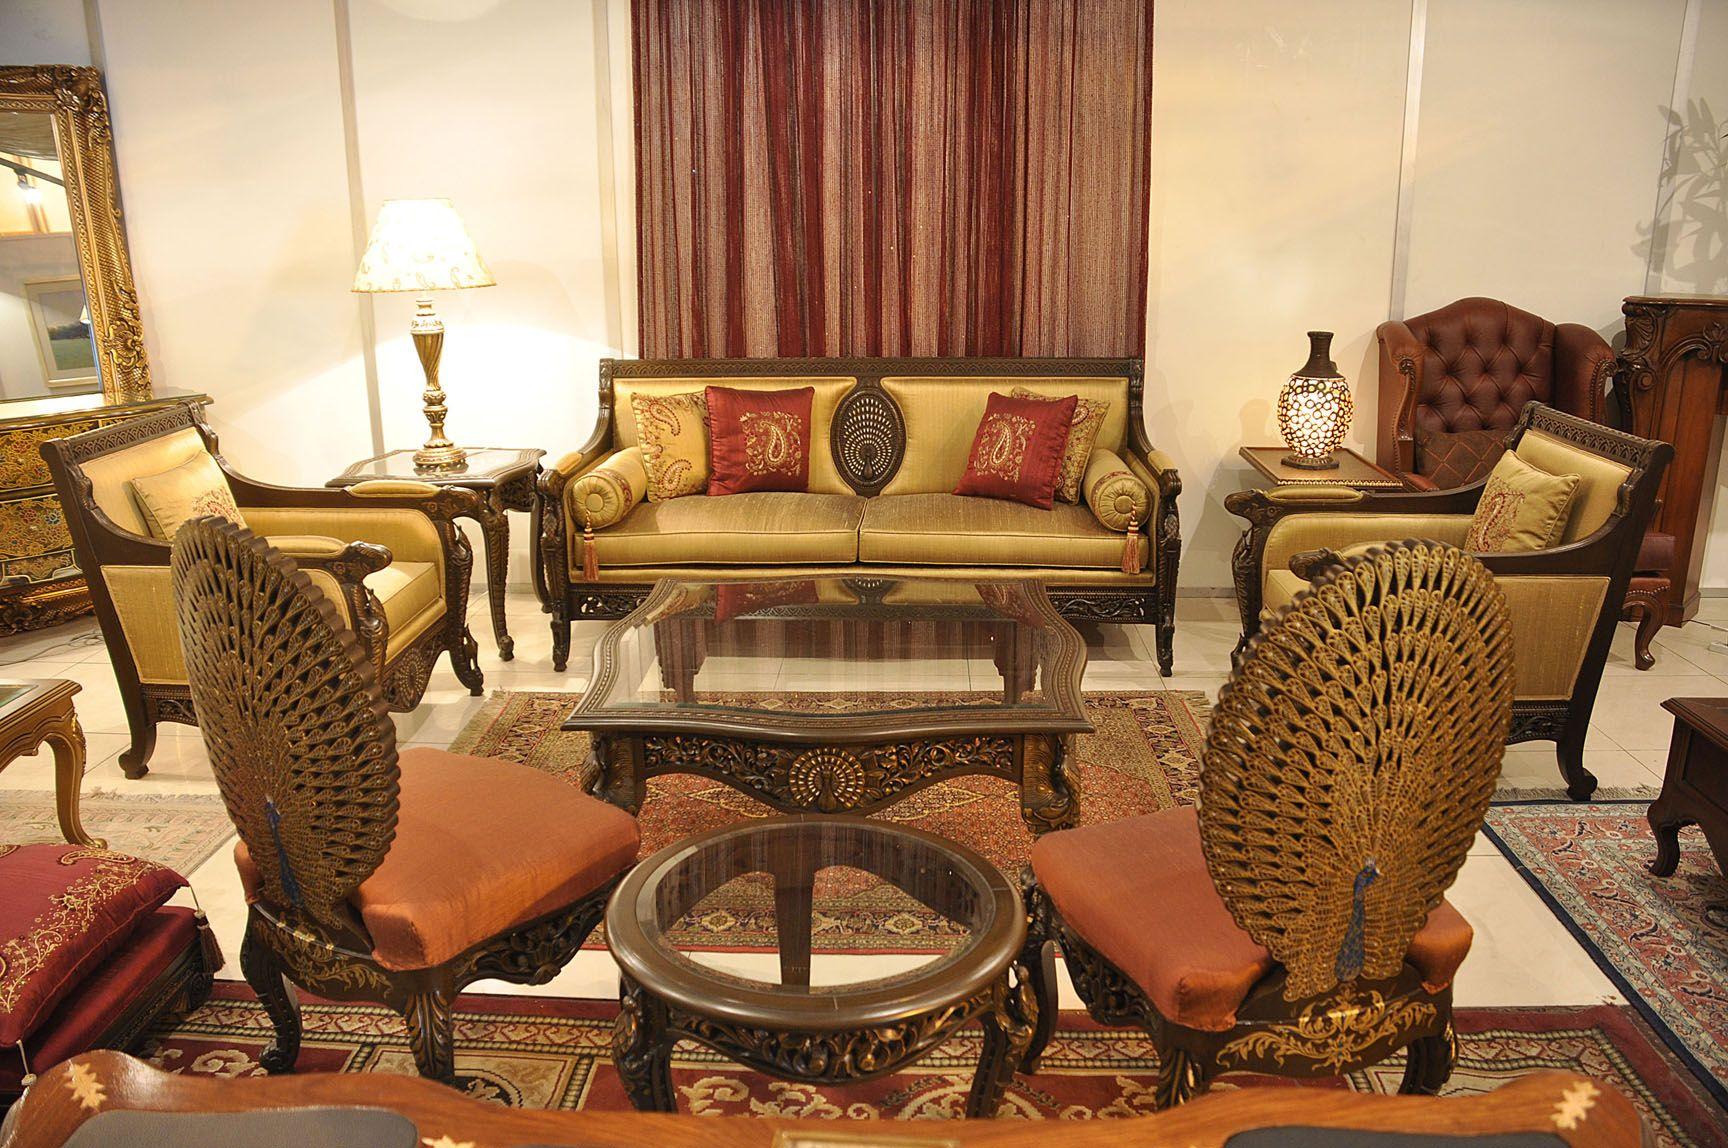 Wooden Furniture Designs for Living Room. Bedroom